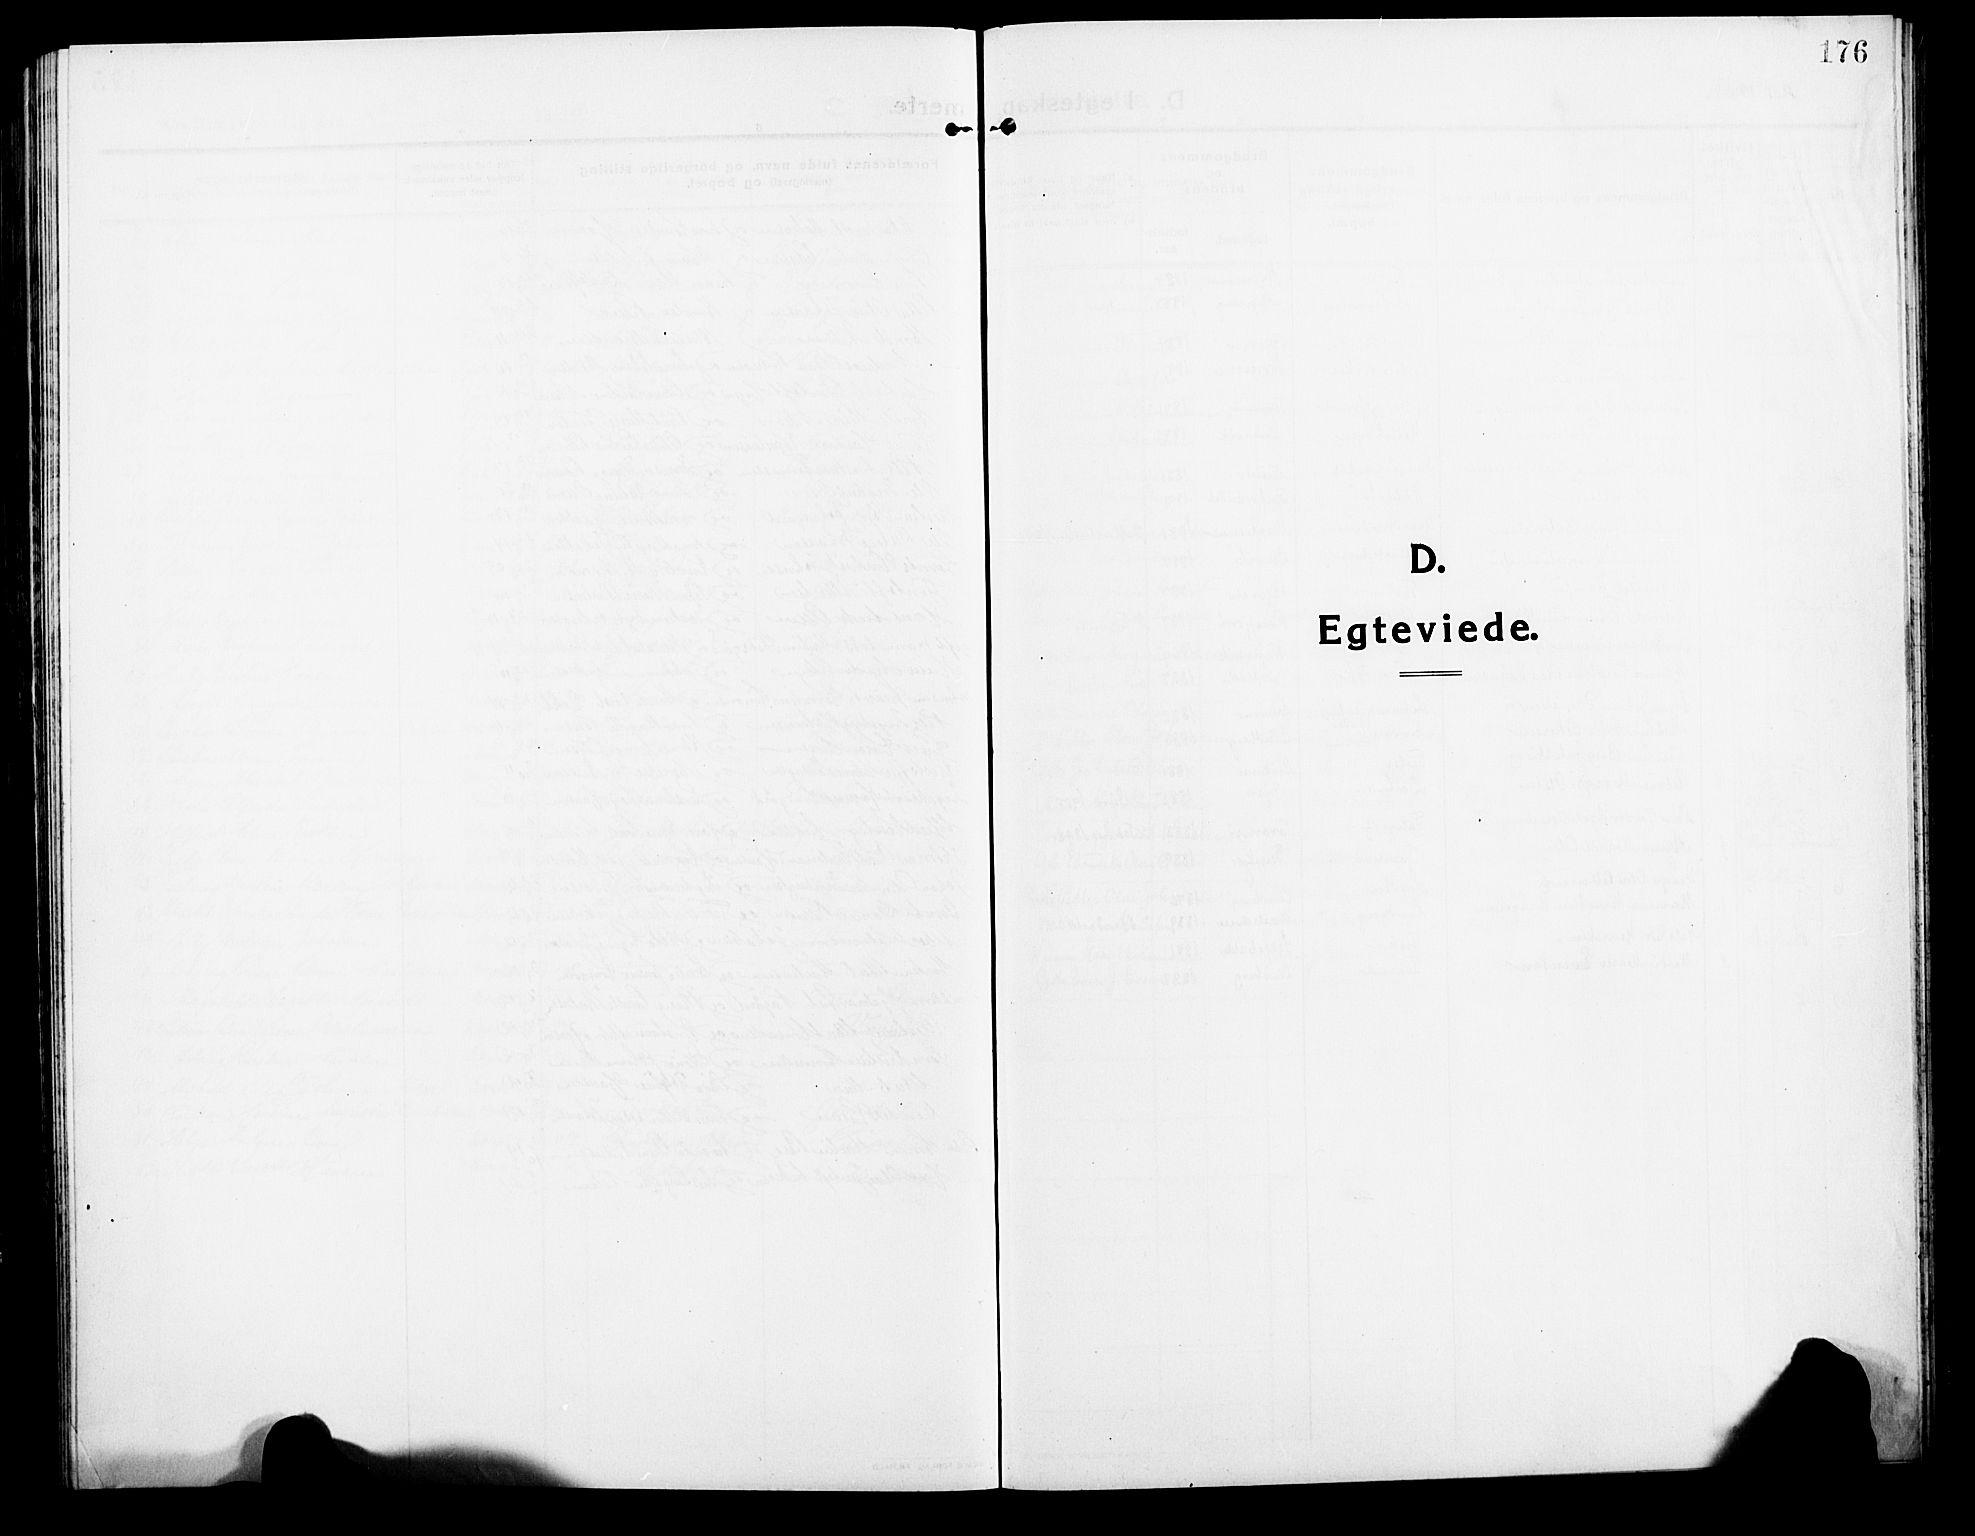 SATØ, Lenvik sokneprestembete, H/Ha: Klokkerbok nr. 9, 1912-1926, s. 176